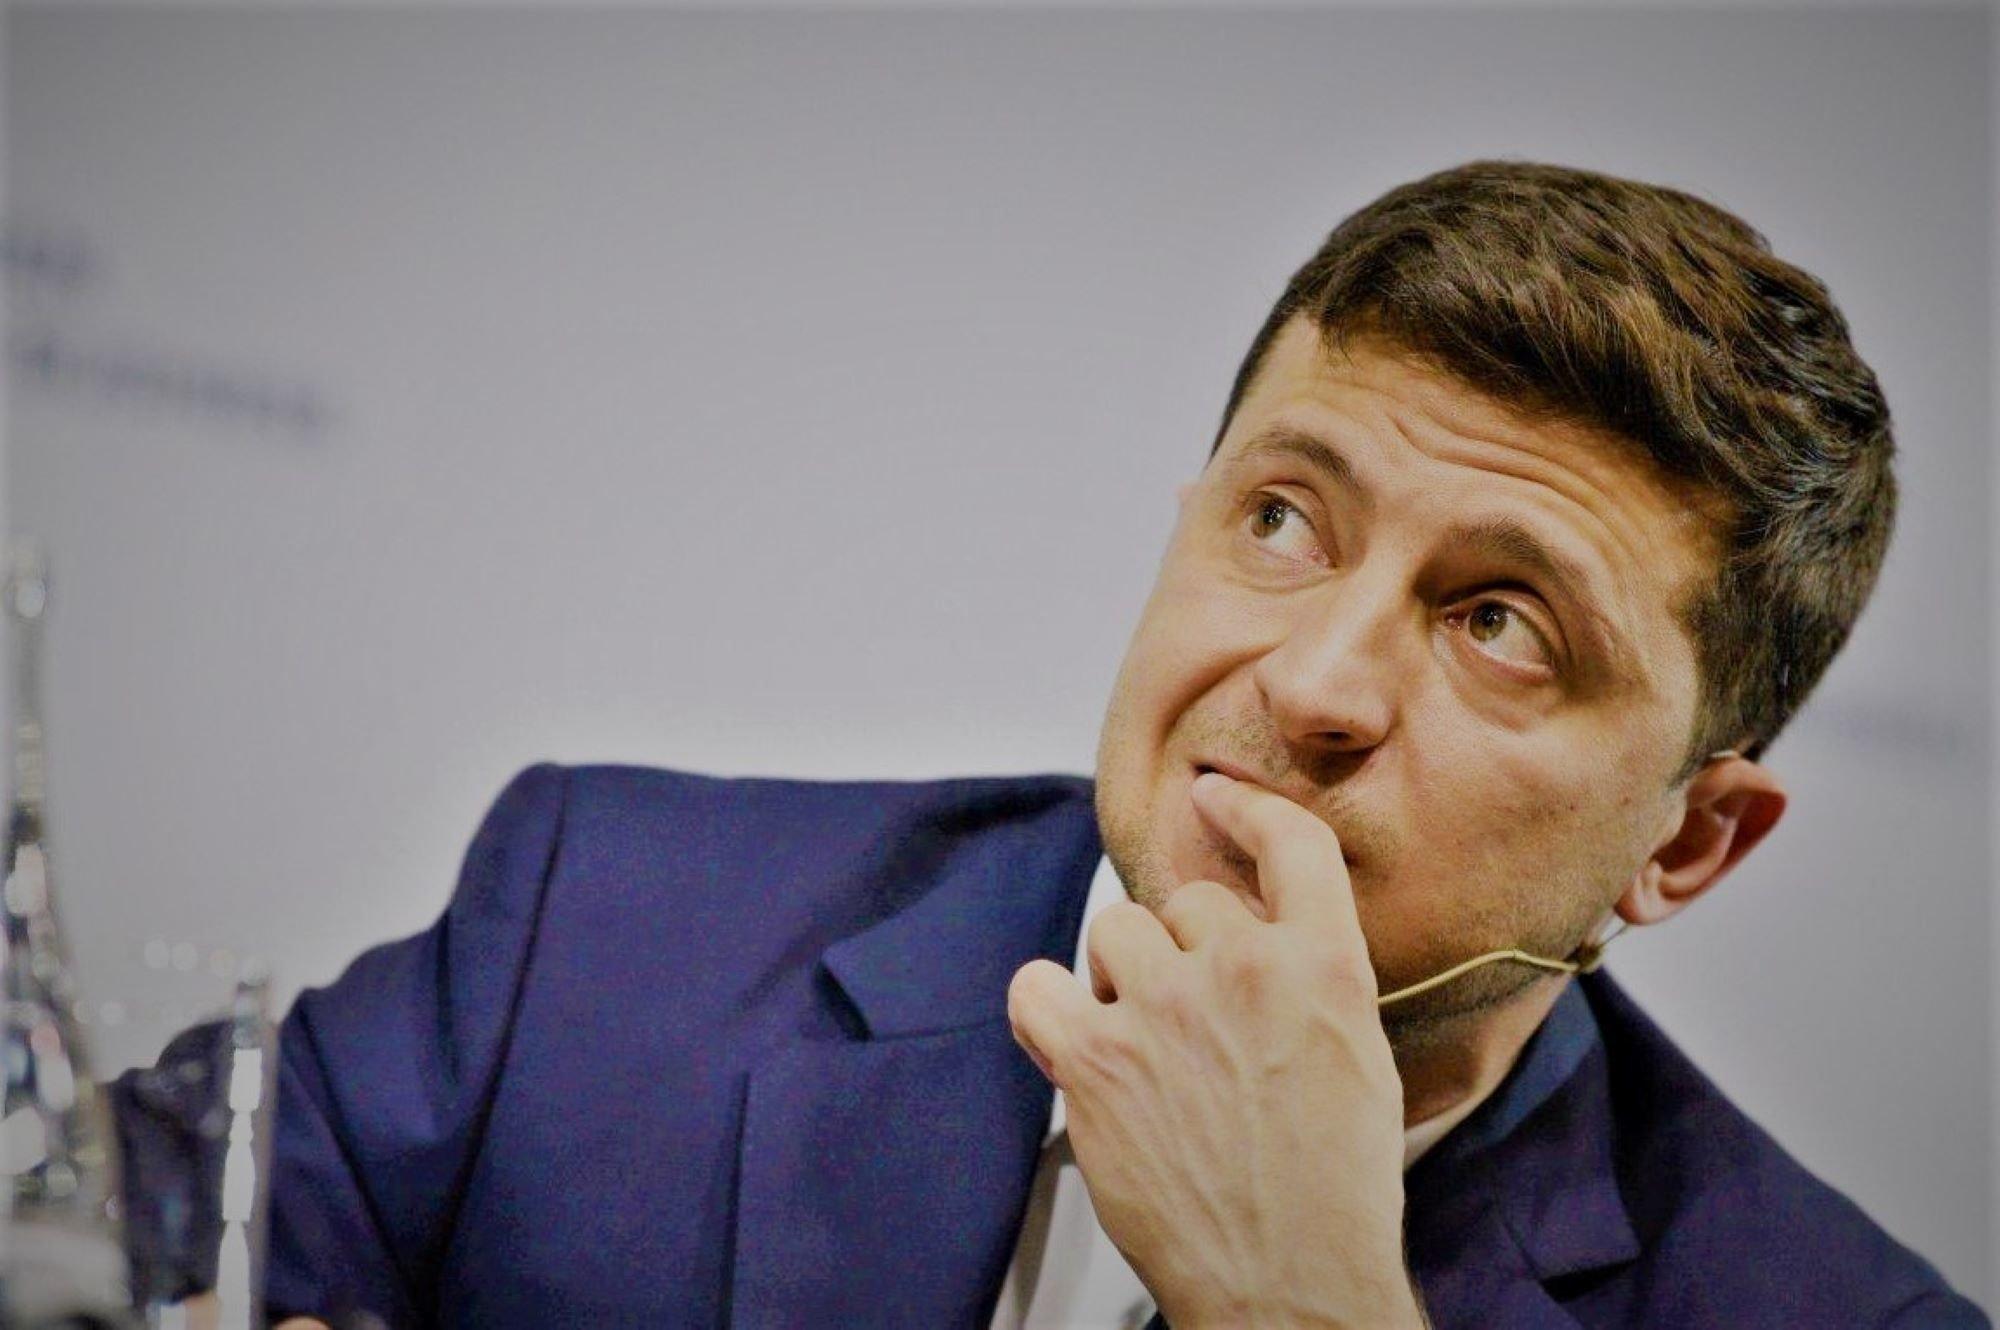 Давиденко: Вот так мы с тобой, Володька, прошли этот год и дошли до 7%